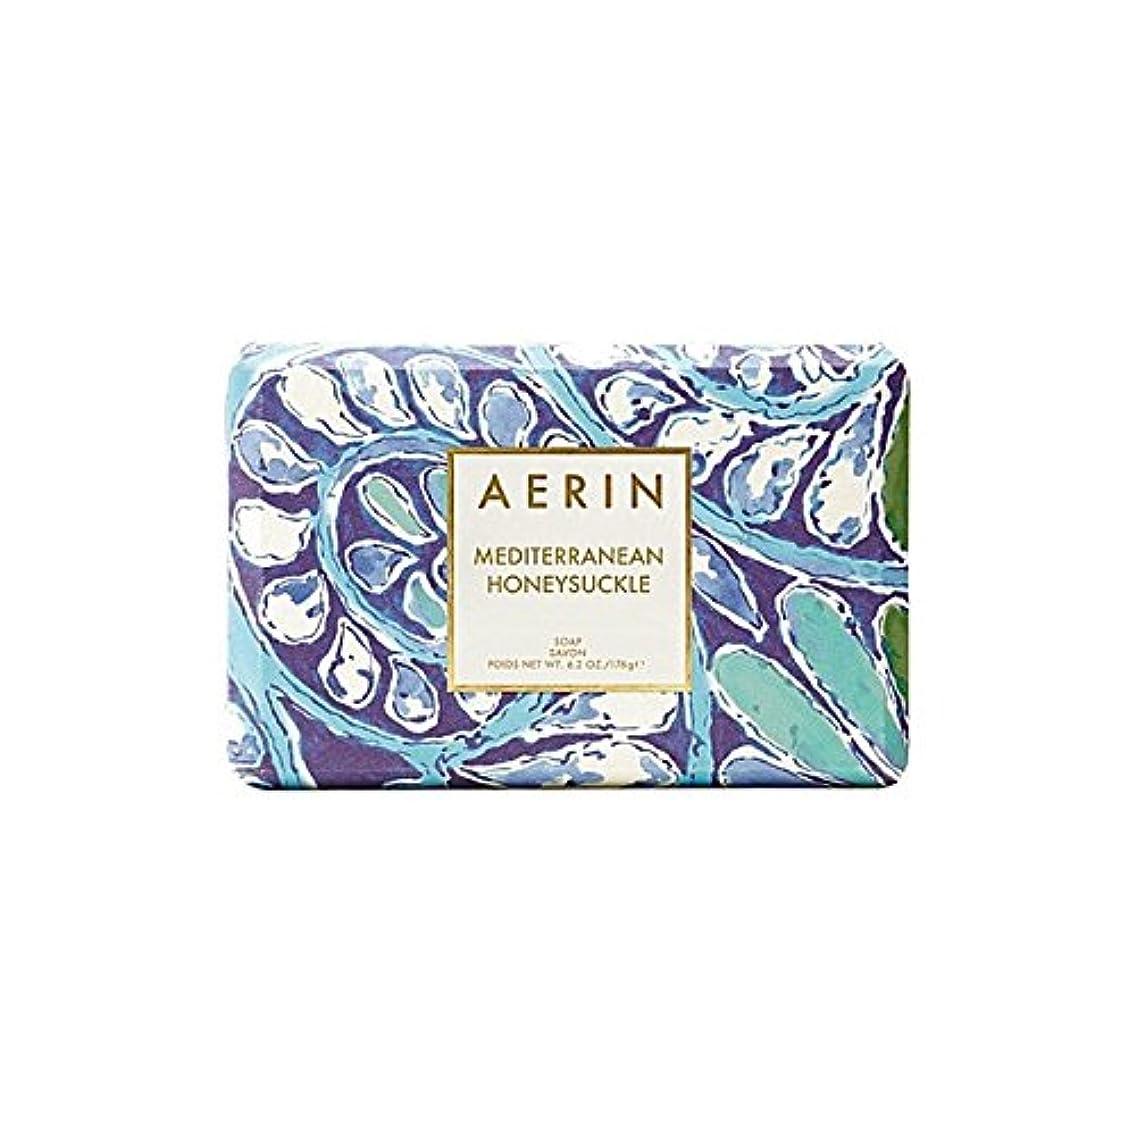 重要性アクティビティプレゼンスイカズラ固形石鹸176グラム x2 - Aerin Mediterrenean Honeysuckle Bar Soap 176G (Pack of 2) [並行輸入品]